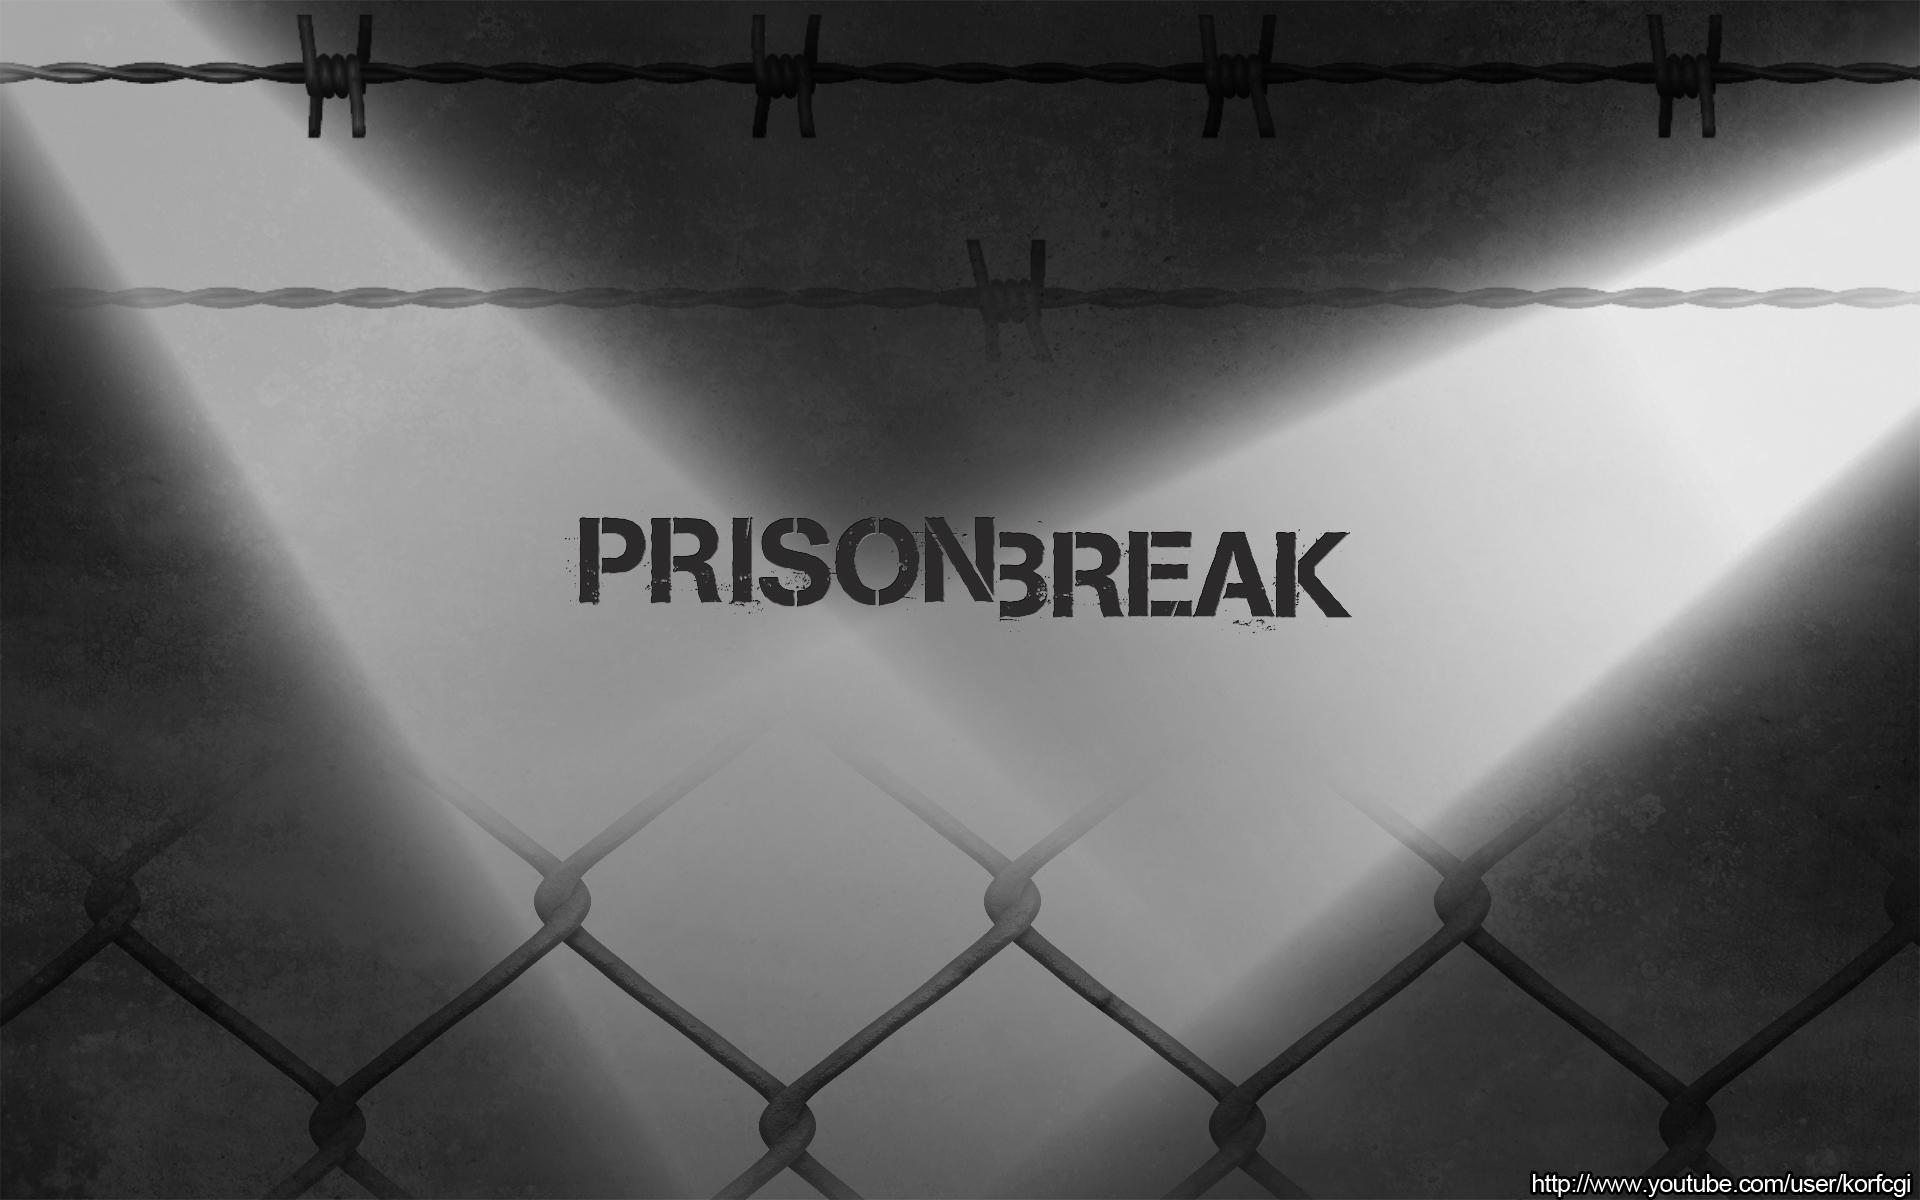 Prison Break wallpaper by KorfCGI 1920x1200